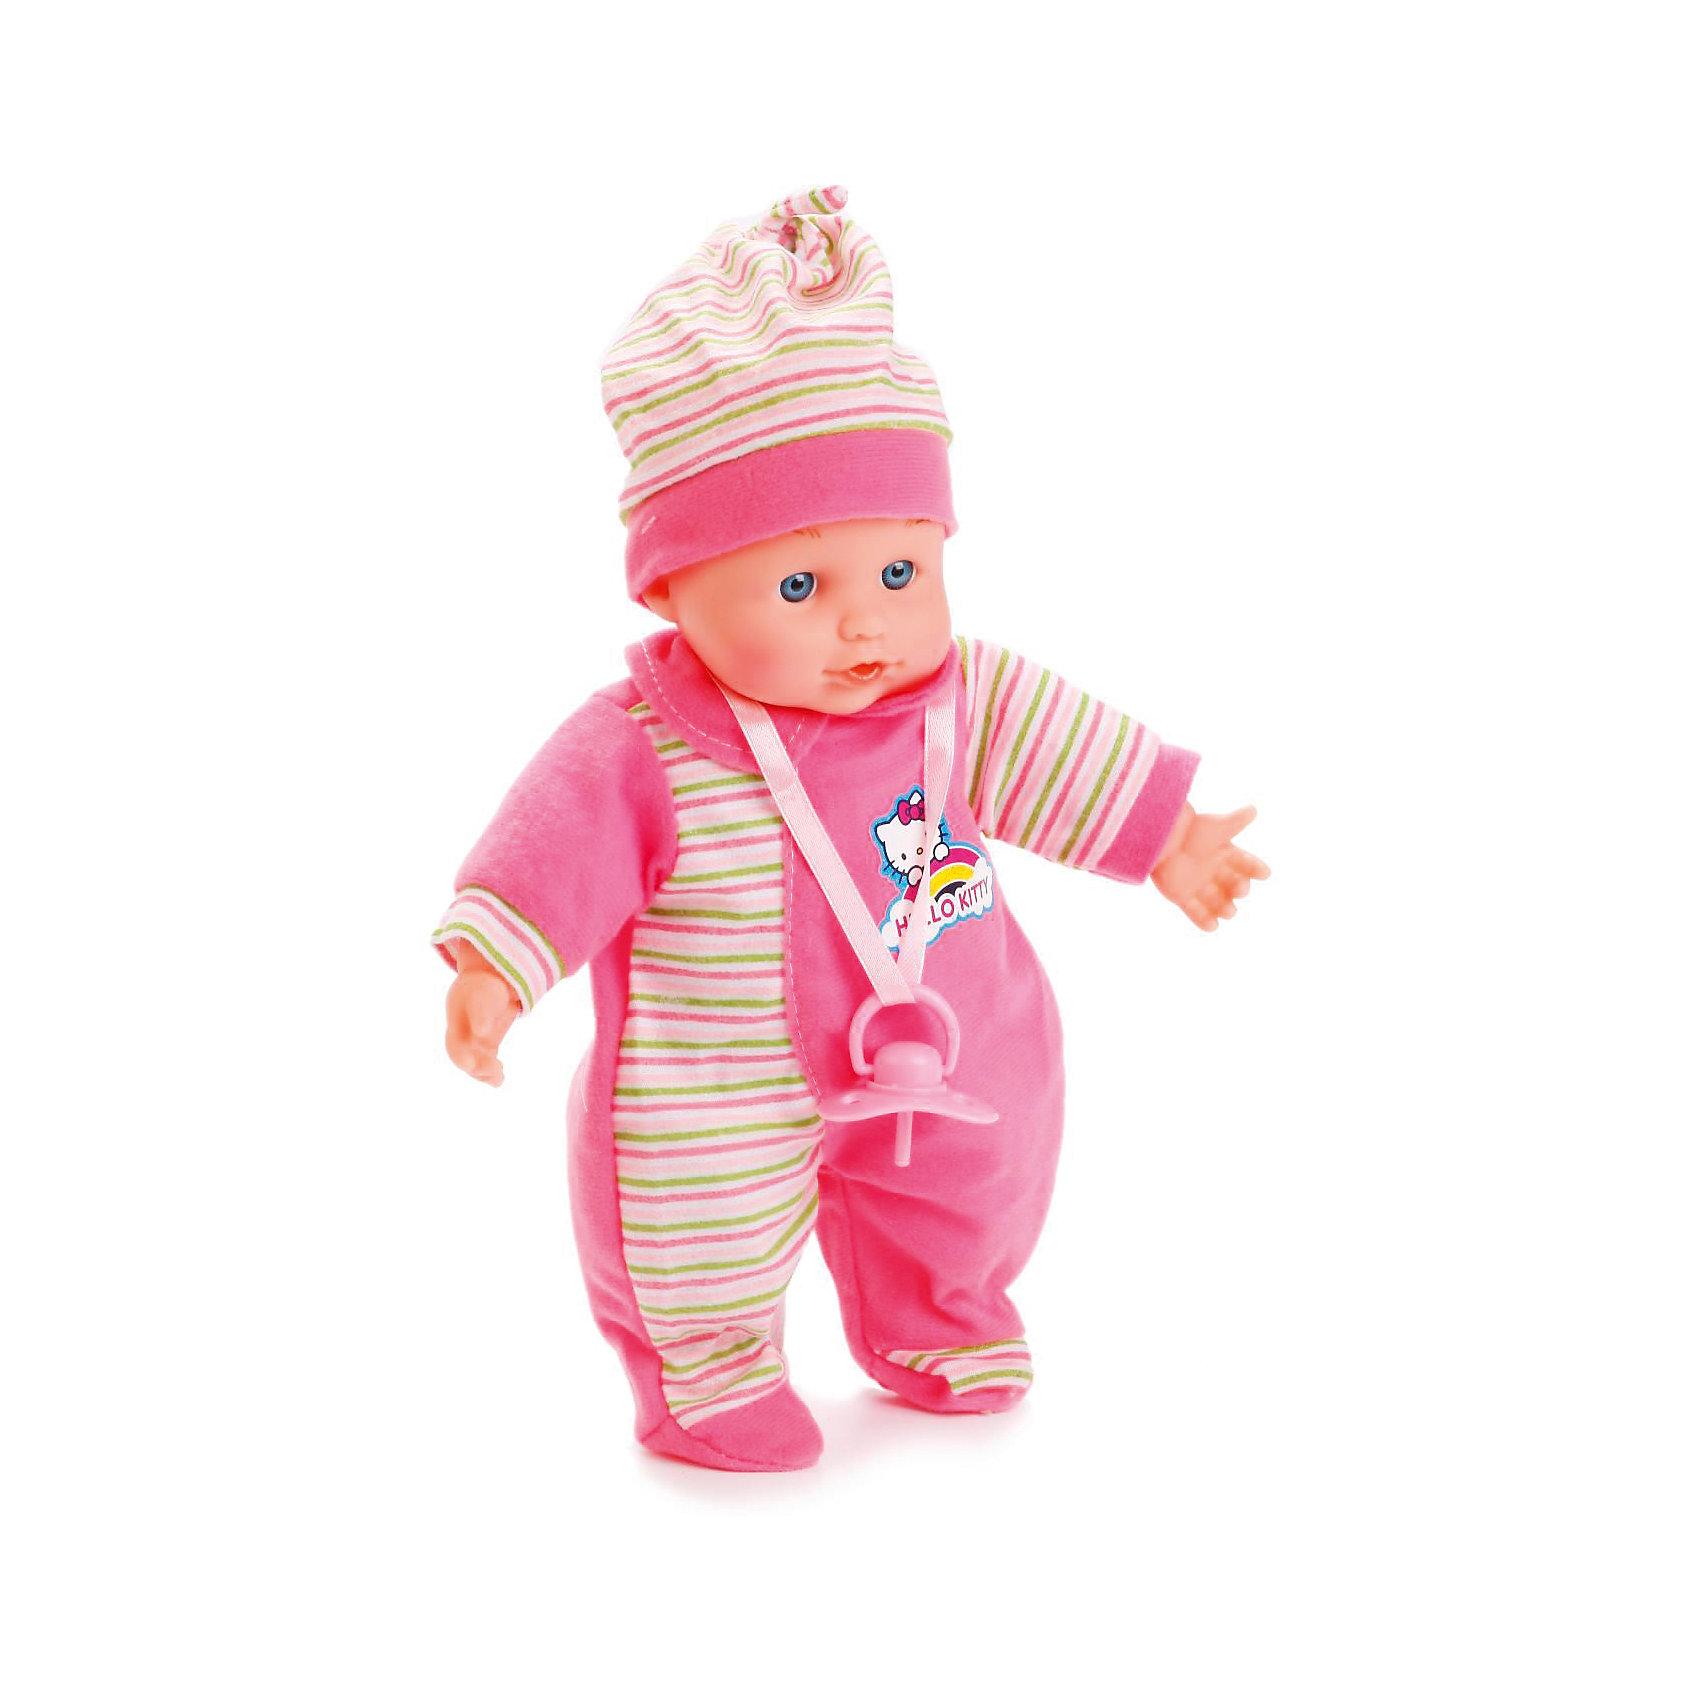 Пупс 30 см, озвученный, 30 звуков, мягкое тело, КарапузКуклы<br>Интерактивная кукла-пупс похожа на настоящего ребенка и работает на батарейках. Она имеет мягкое тело и русскую озвучку. Игрушка умеет смеяться и плакать, и также произносит 30 разных звуков. Кукла одета в яркий теплый комбинезон и шапочку. В наборе также имеется соска.<br><br>Ширина мм: 71<br>Глубина мм: 40<br>Высота мм: 34<br>Вес г: 480<br>Возраст от месяцев: 36<br>Возраст до месяцев: 60<br>Пол: Женский<br>Возраст: Детский<br>SKU: 6863985